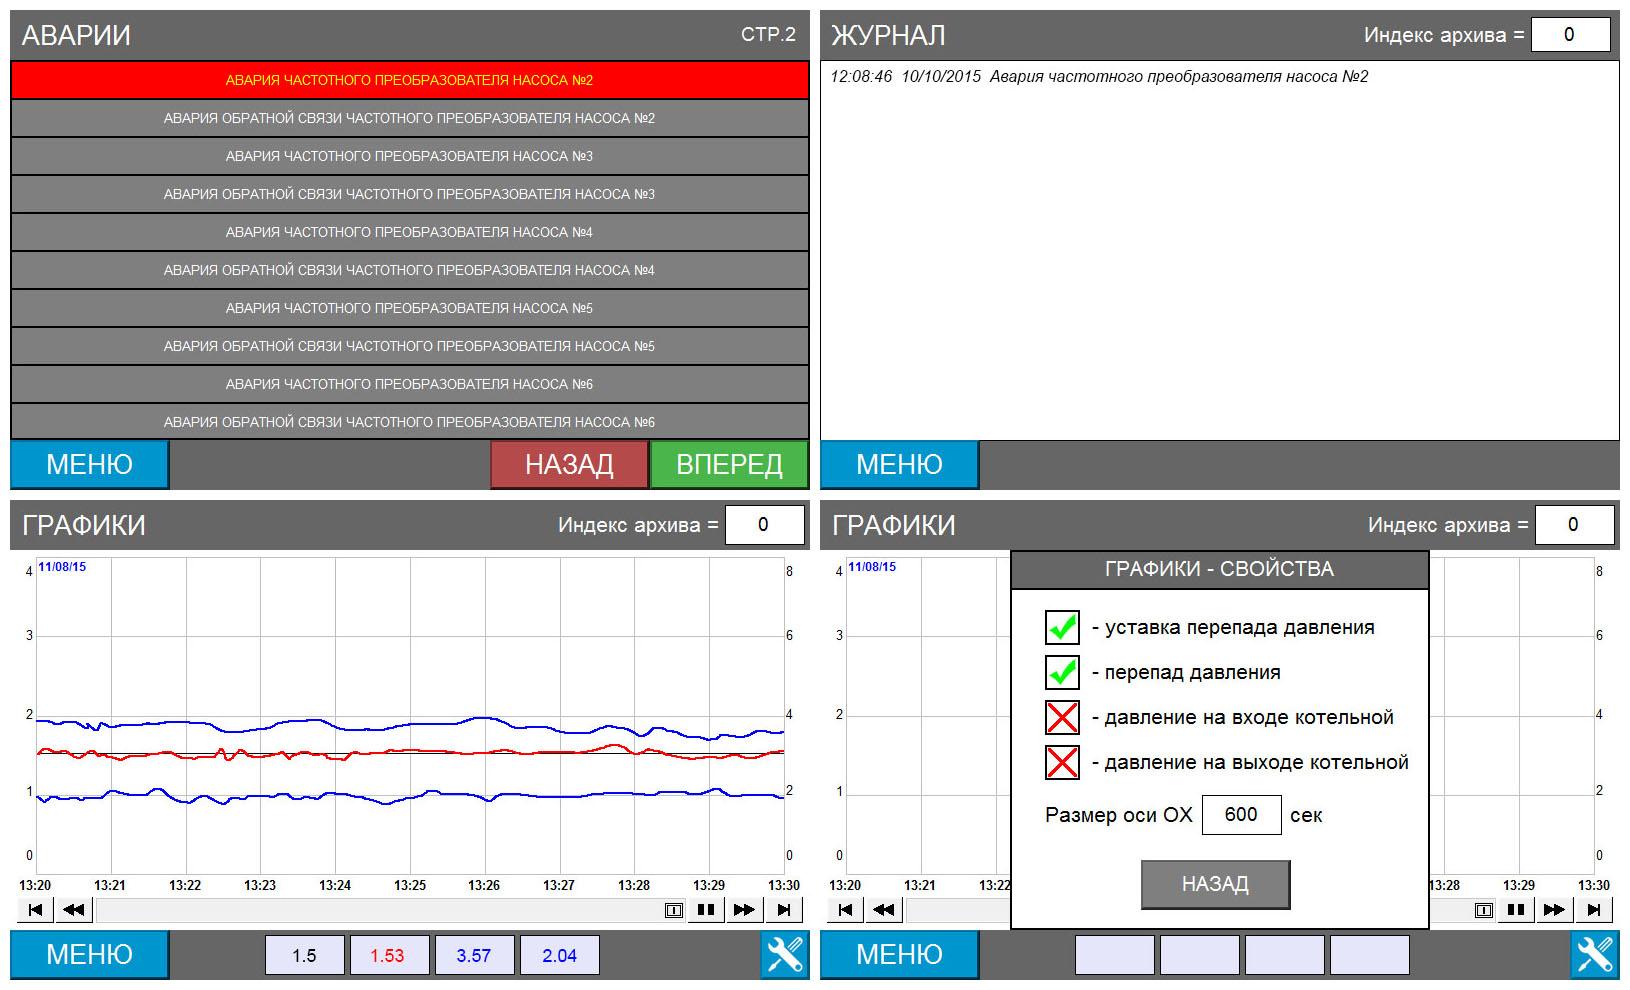 Автоматизированная система управления сетевыми насосами - экраны панели оператора 2